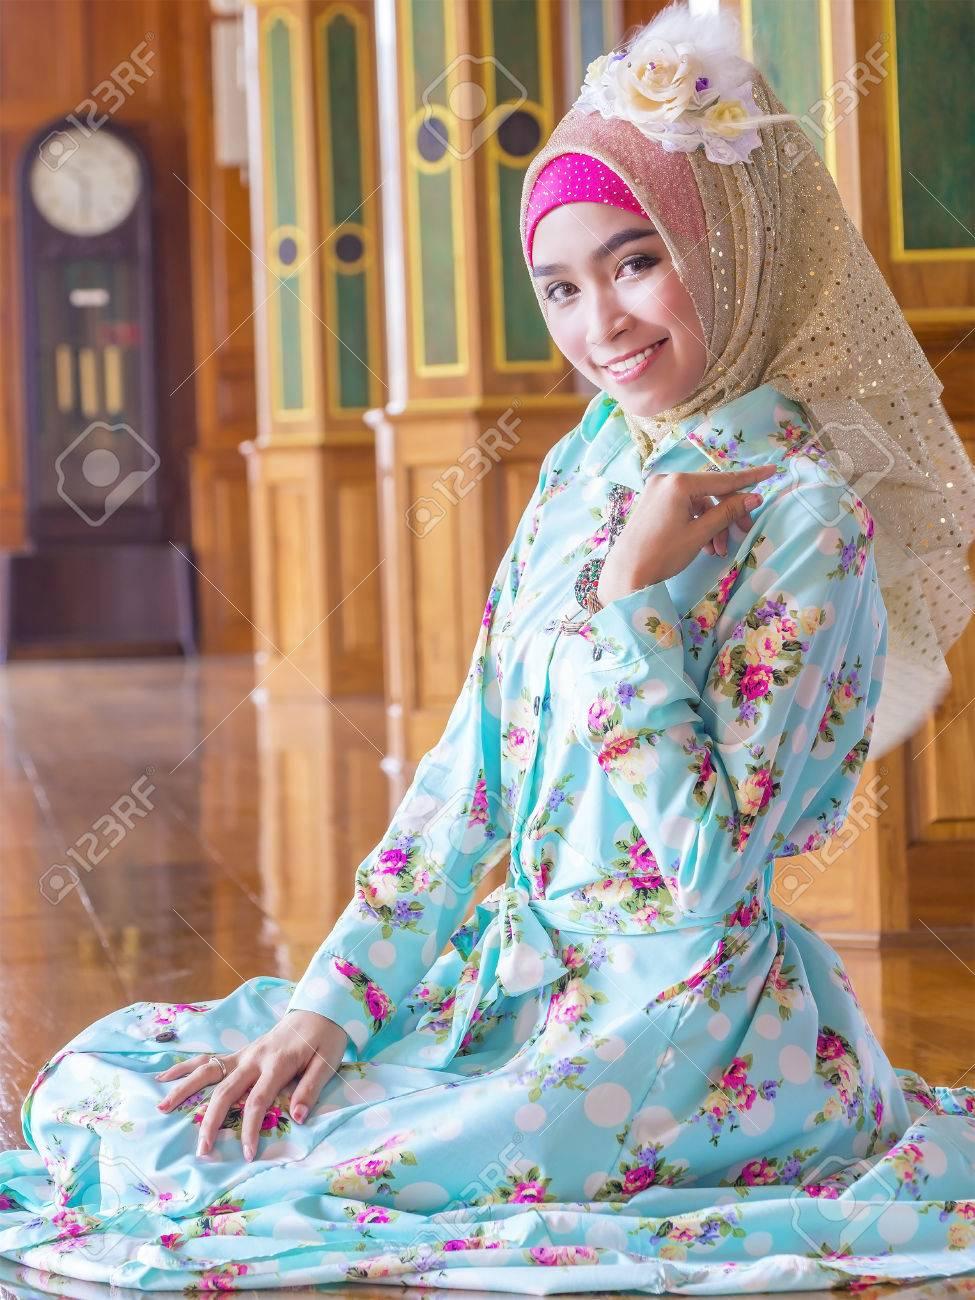 Foto de archivo - Joven mujer musulmana asiática en traje de gala decorado 188b79826fb2